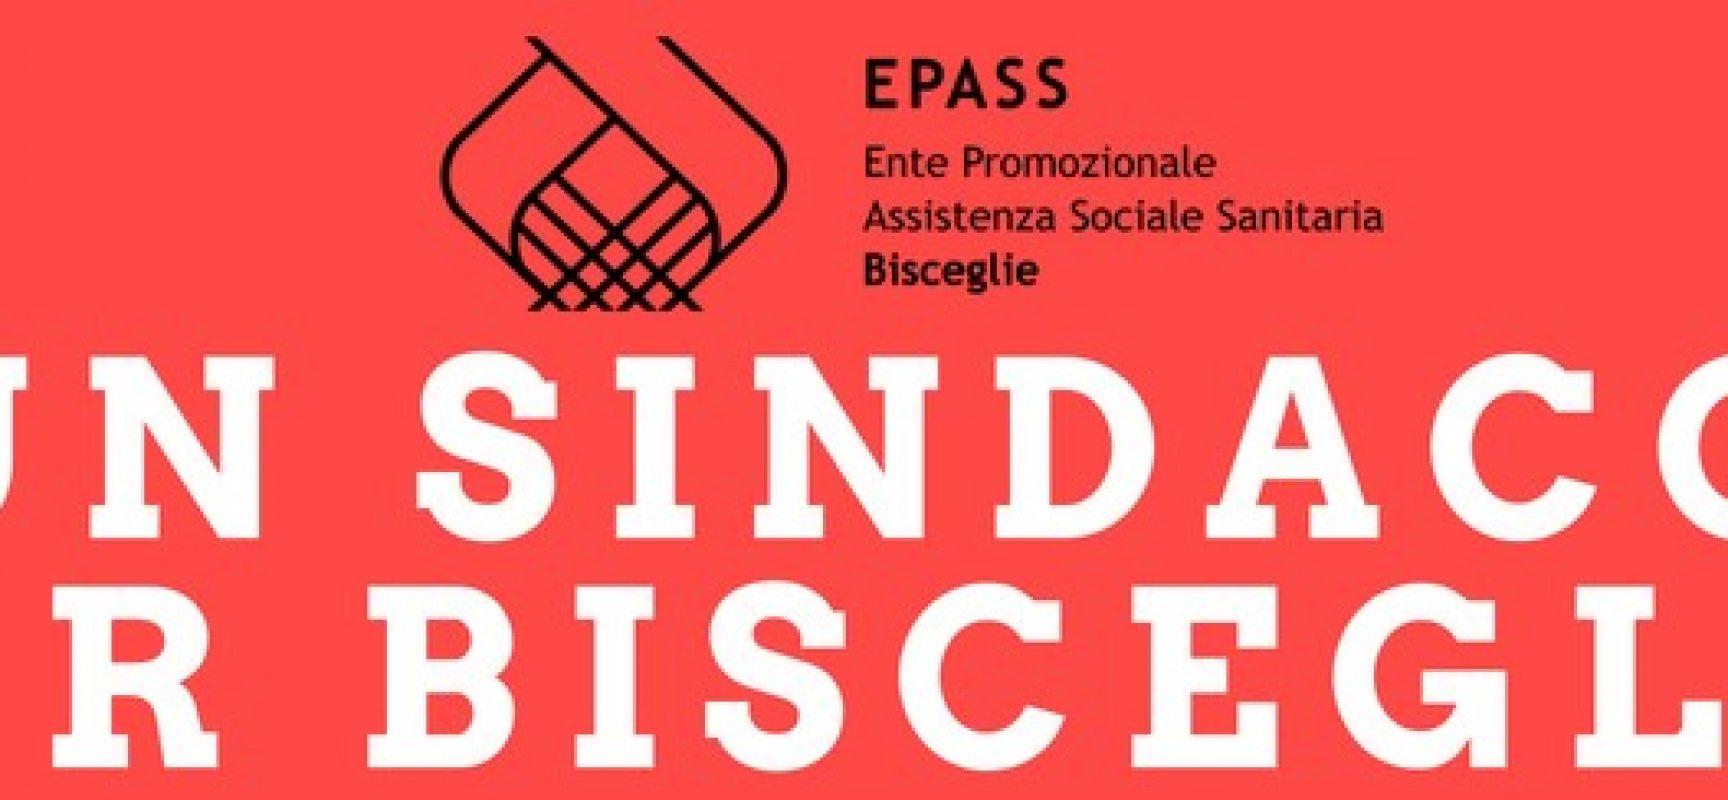 All'Epass incontro con i sei candidati sindaco per conoscerne idee e progetti